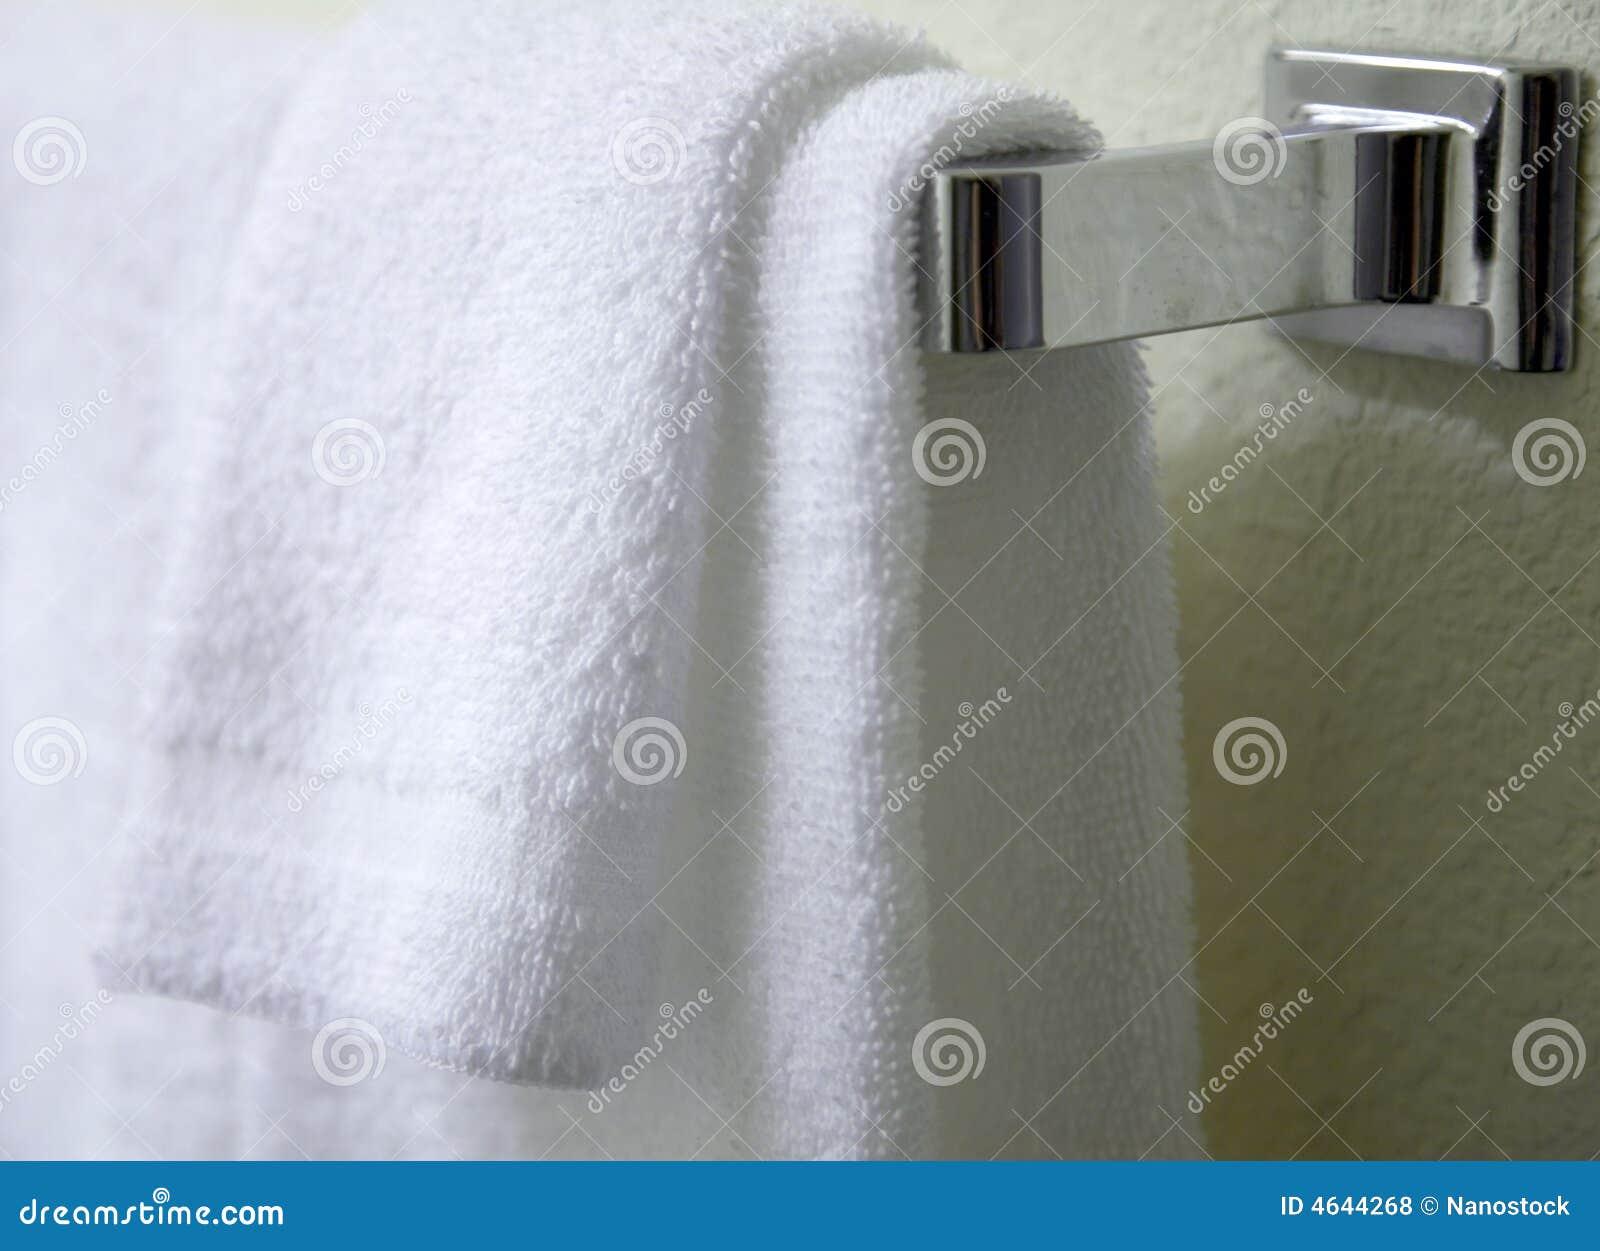 Suspensão branca de toalhas